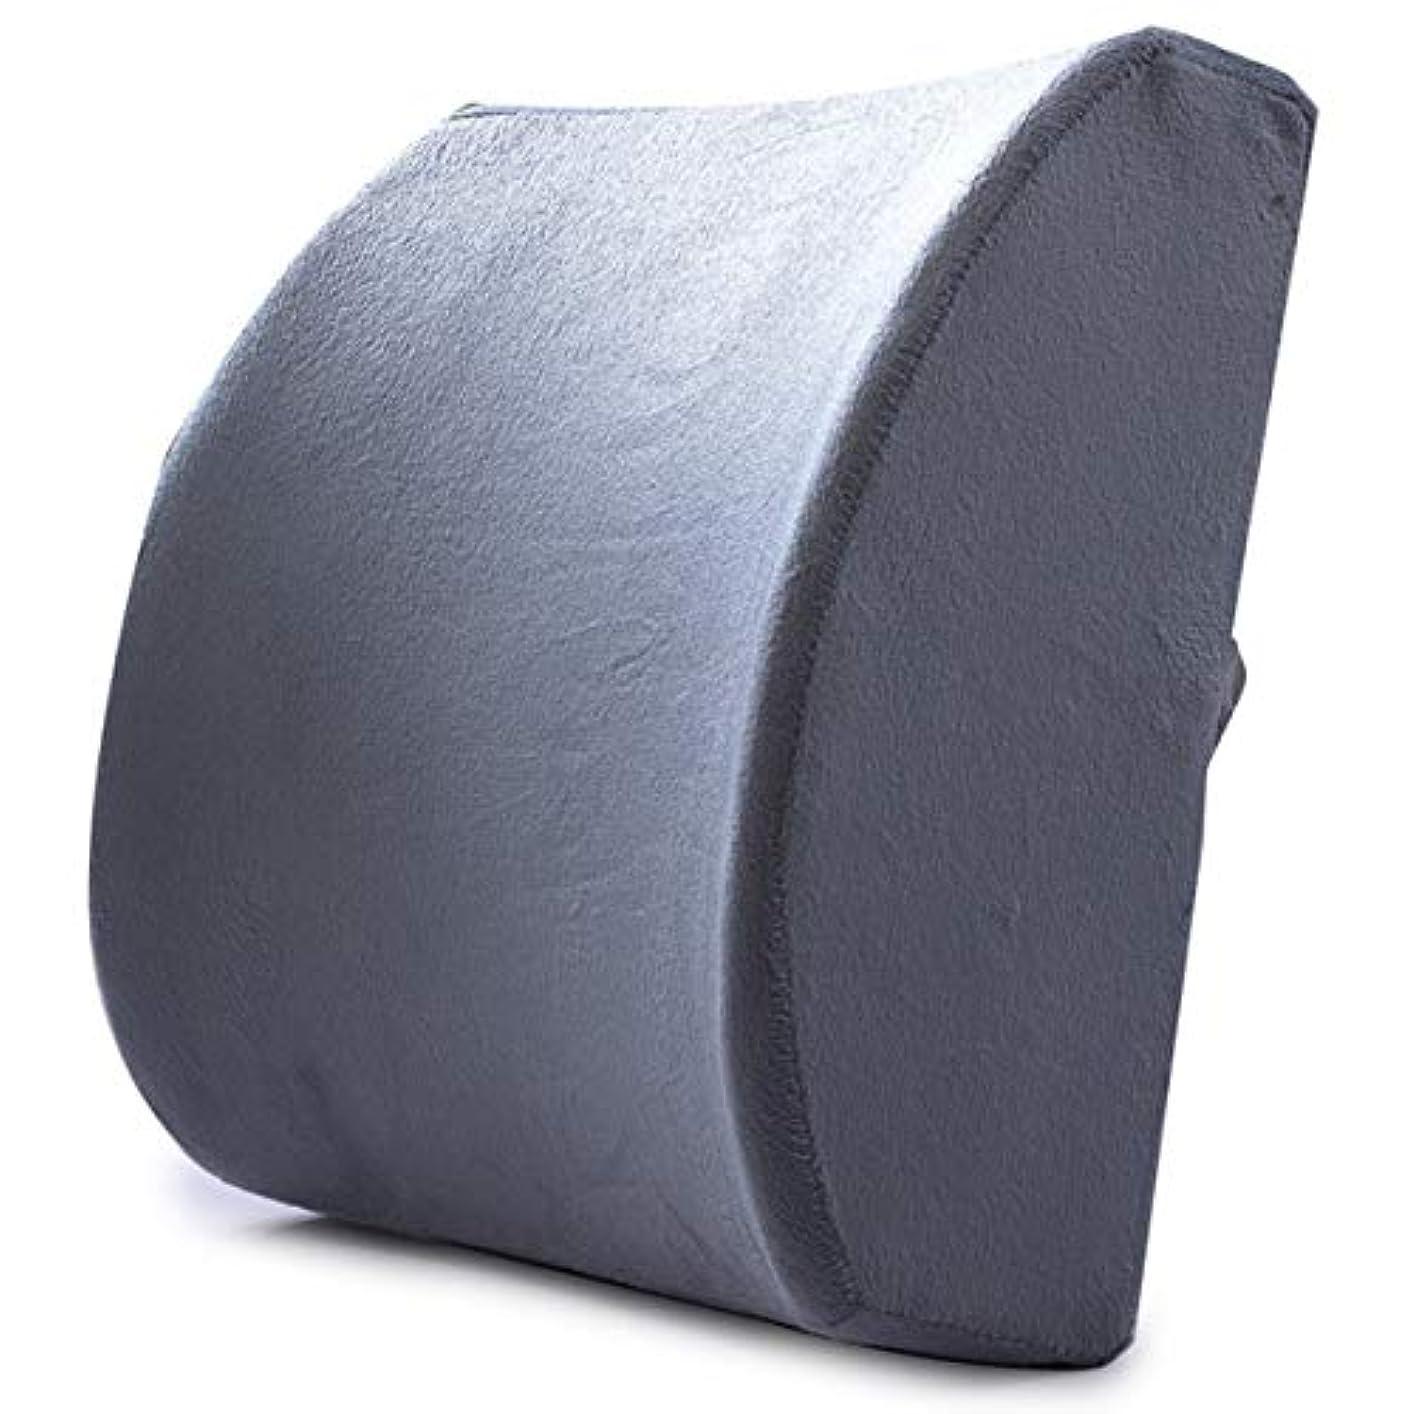 なのでがっかりした識別Memory Foam Lumbar Support Waist Cushion Pillow For Chairs in the Car Seat Pillows Home Office Relieve Pain